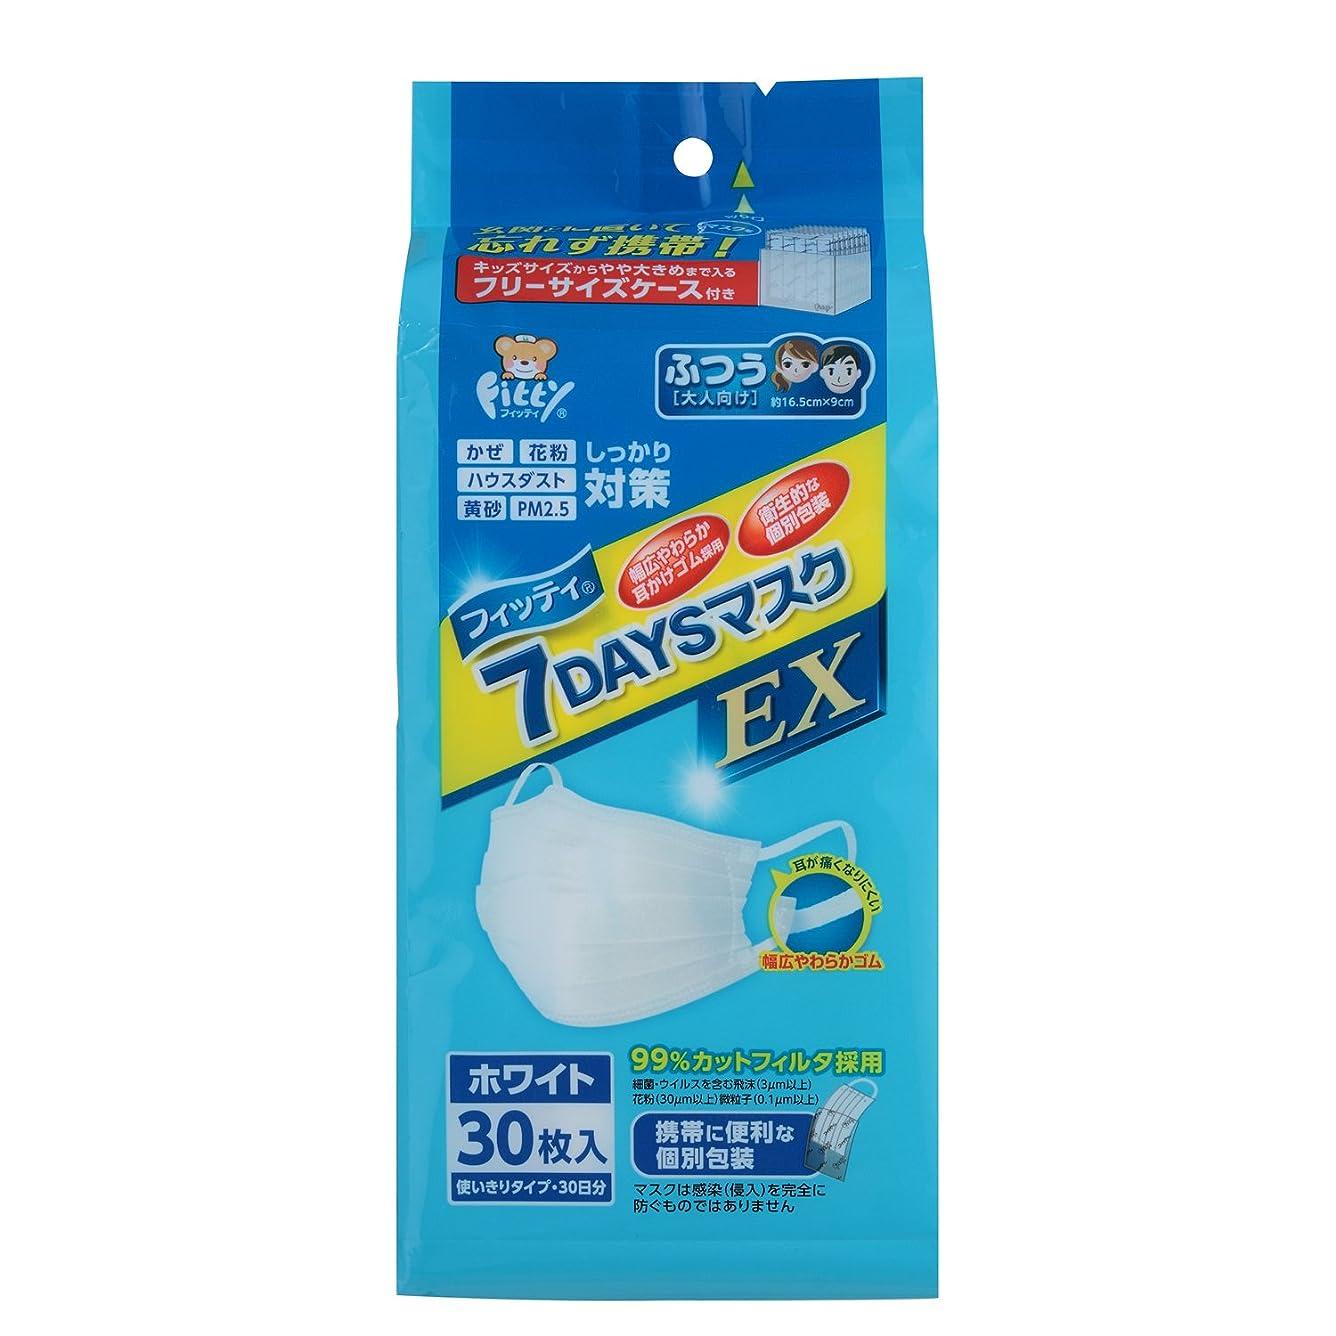 薬局黒板異邦人(PM2.5対応)フィッティ 7DAYSマスク EX エコノミーパックケース付 ふつうサイズ ホワイト 30枚入